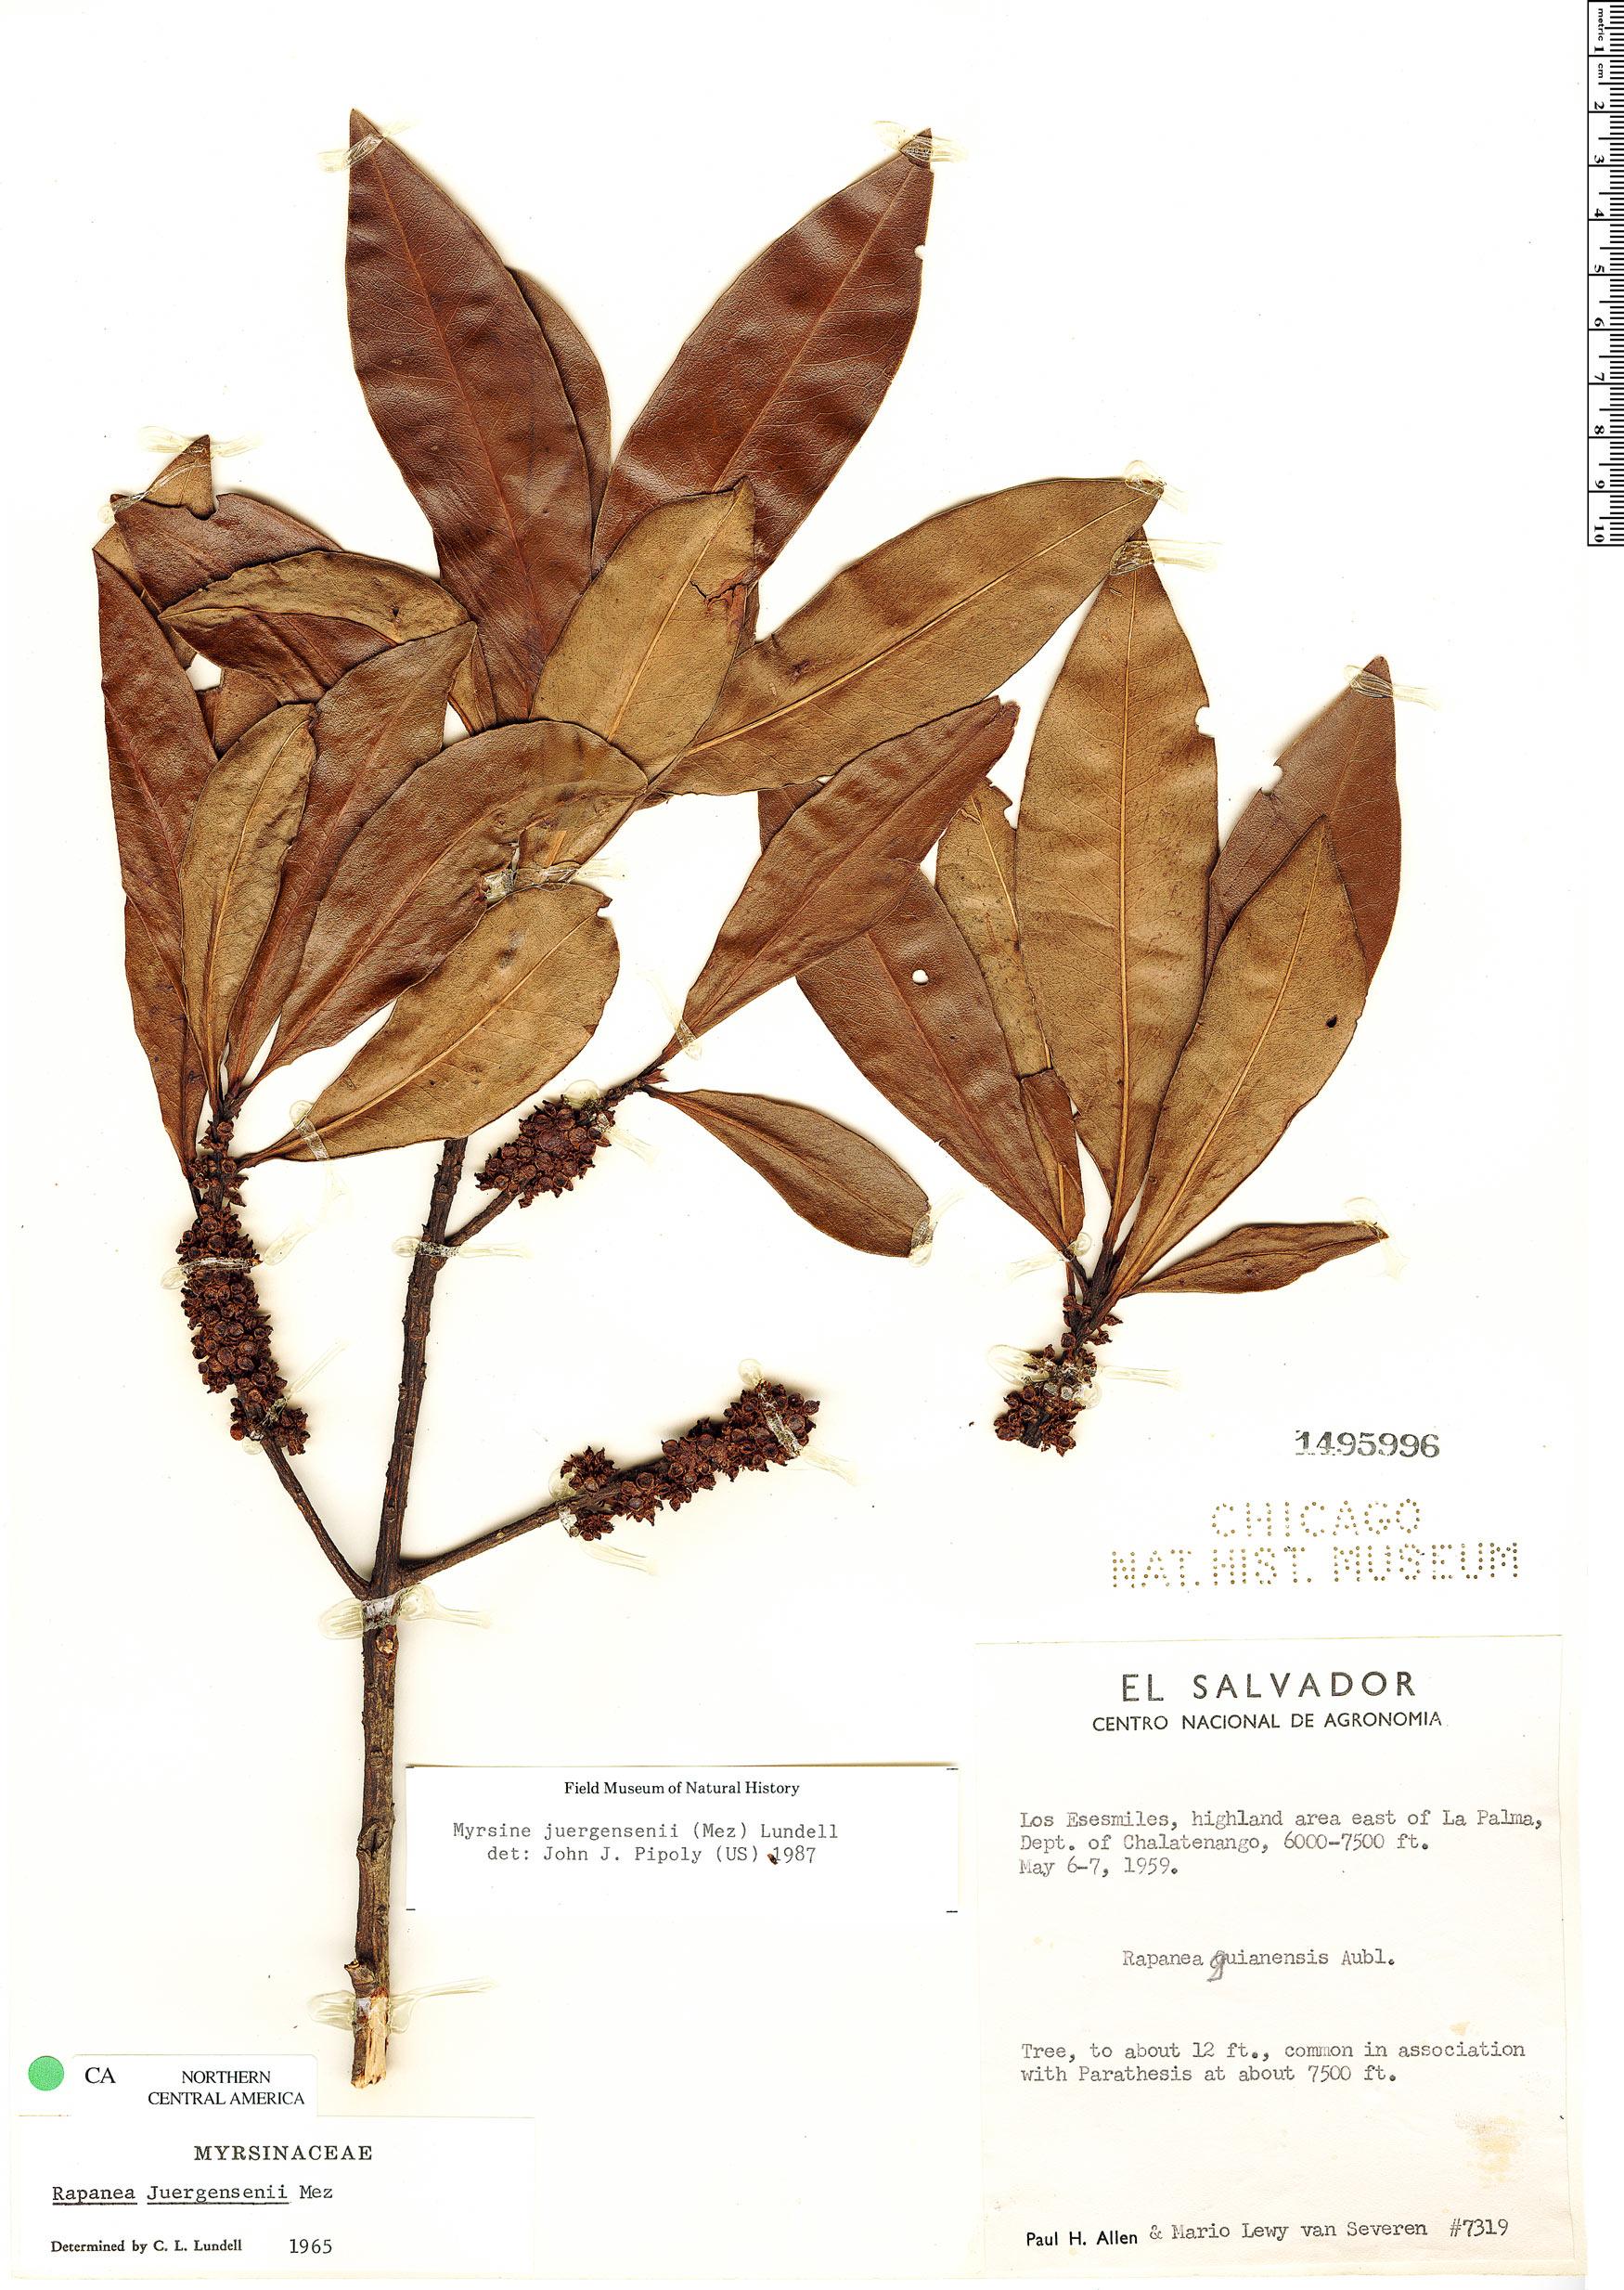 Specimen: Myrsine juergensenii